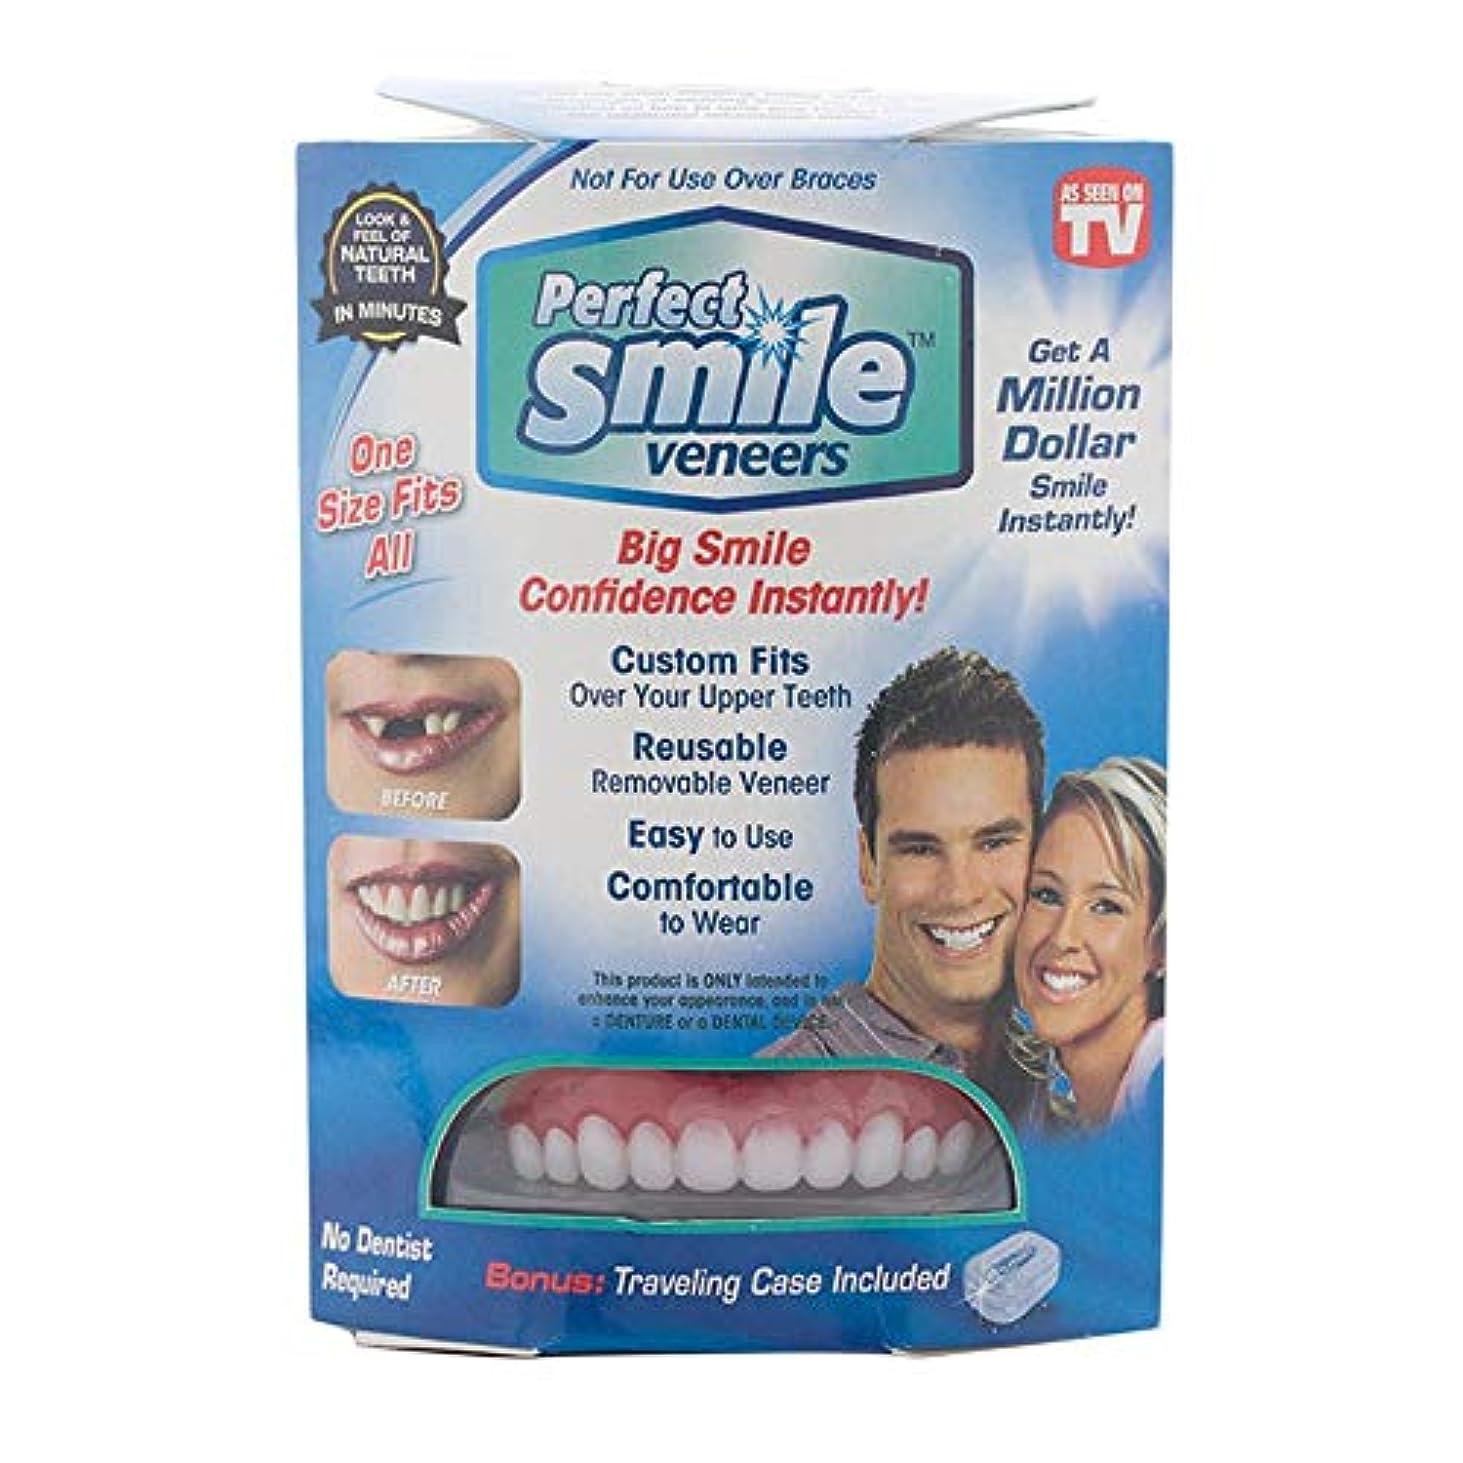 悪意一節急降下パーフェクトスマイルアッパーベニヤコンフォートフレックスホワイトニングデンチャーペースト偽歯-Innovationo